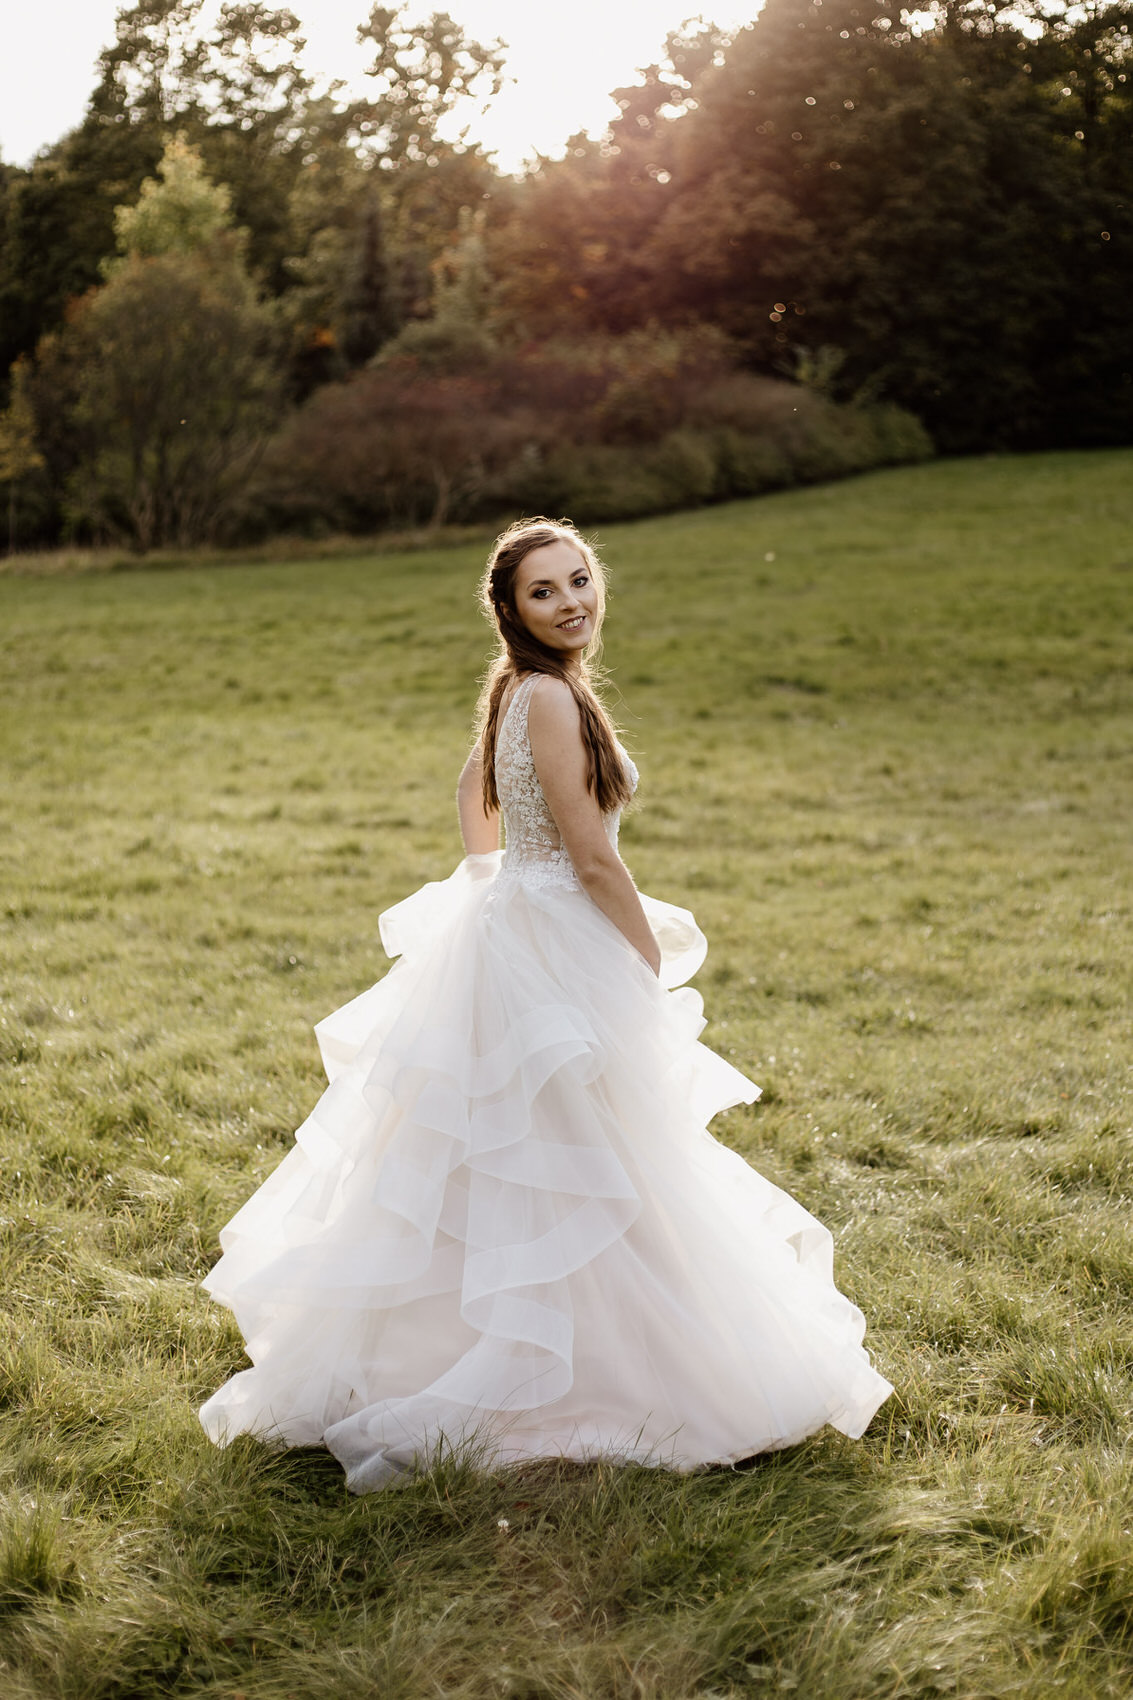 Sesja poślubna w stylu glamur